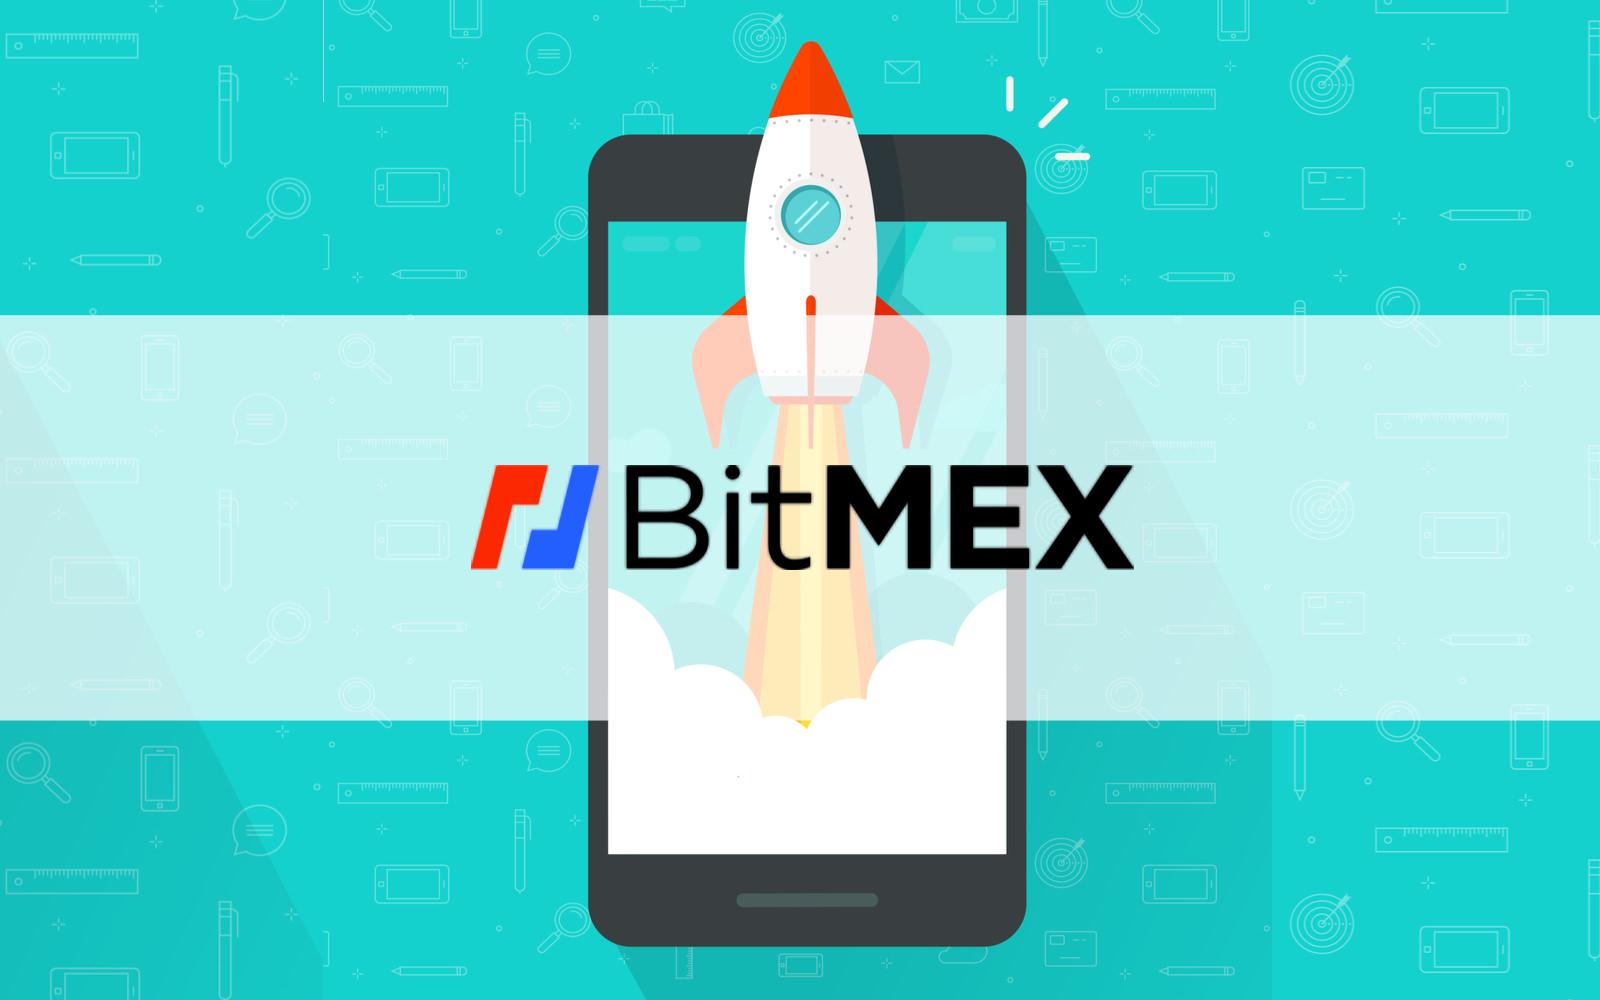 スマホ版BitMEX(ビットメックス)の使い方や注意点について|現在スマホアプリは未提供